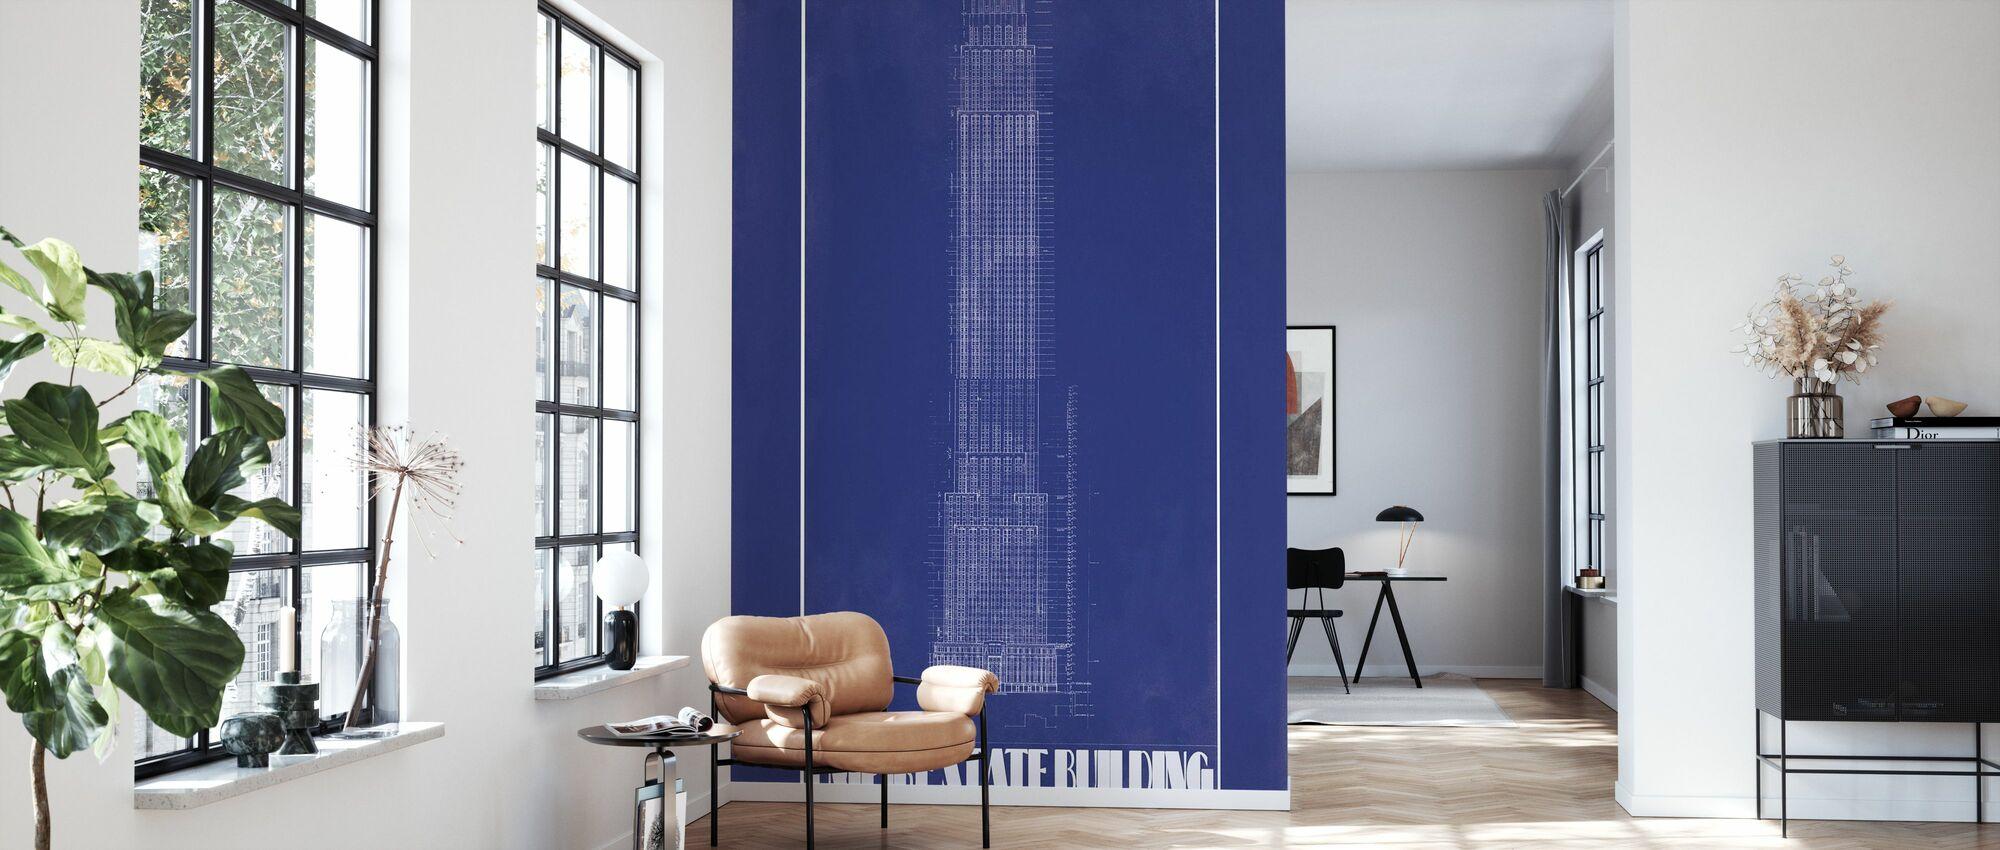 Empire State Building - Blauer Druck - Tapete - Wohnzimmer